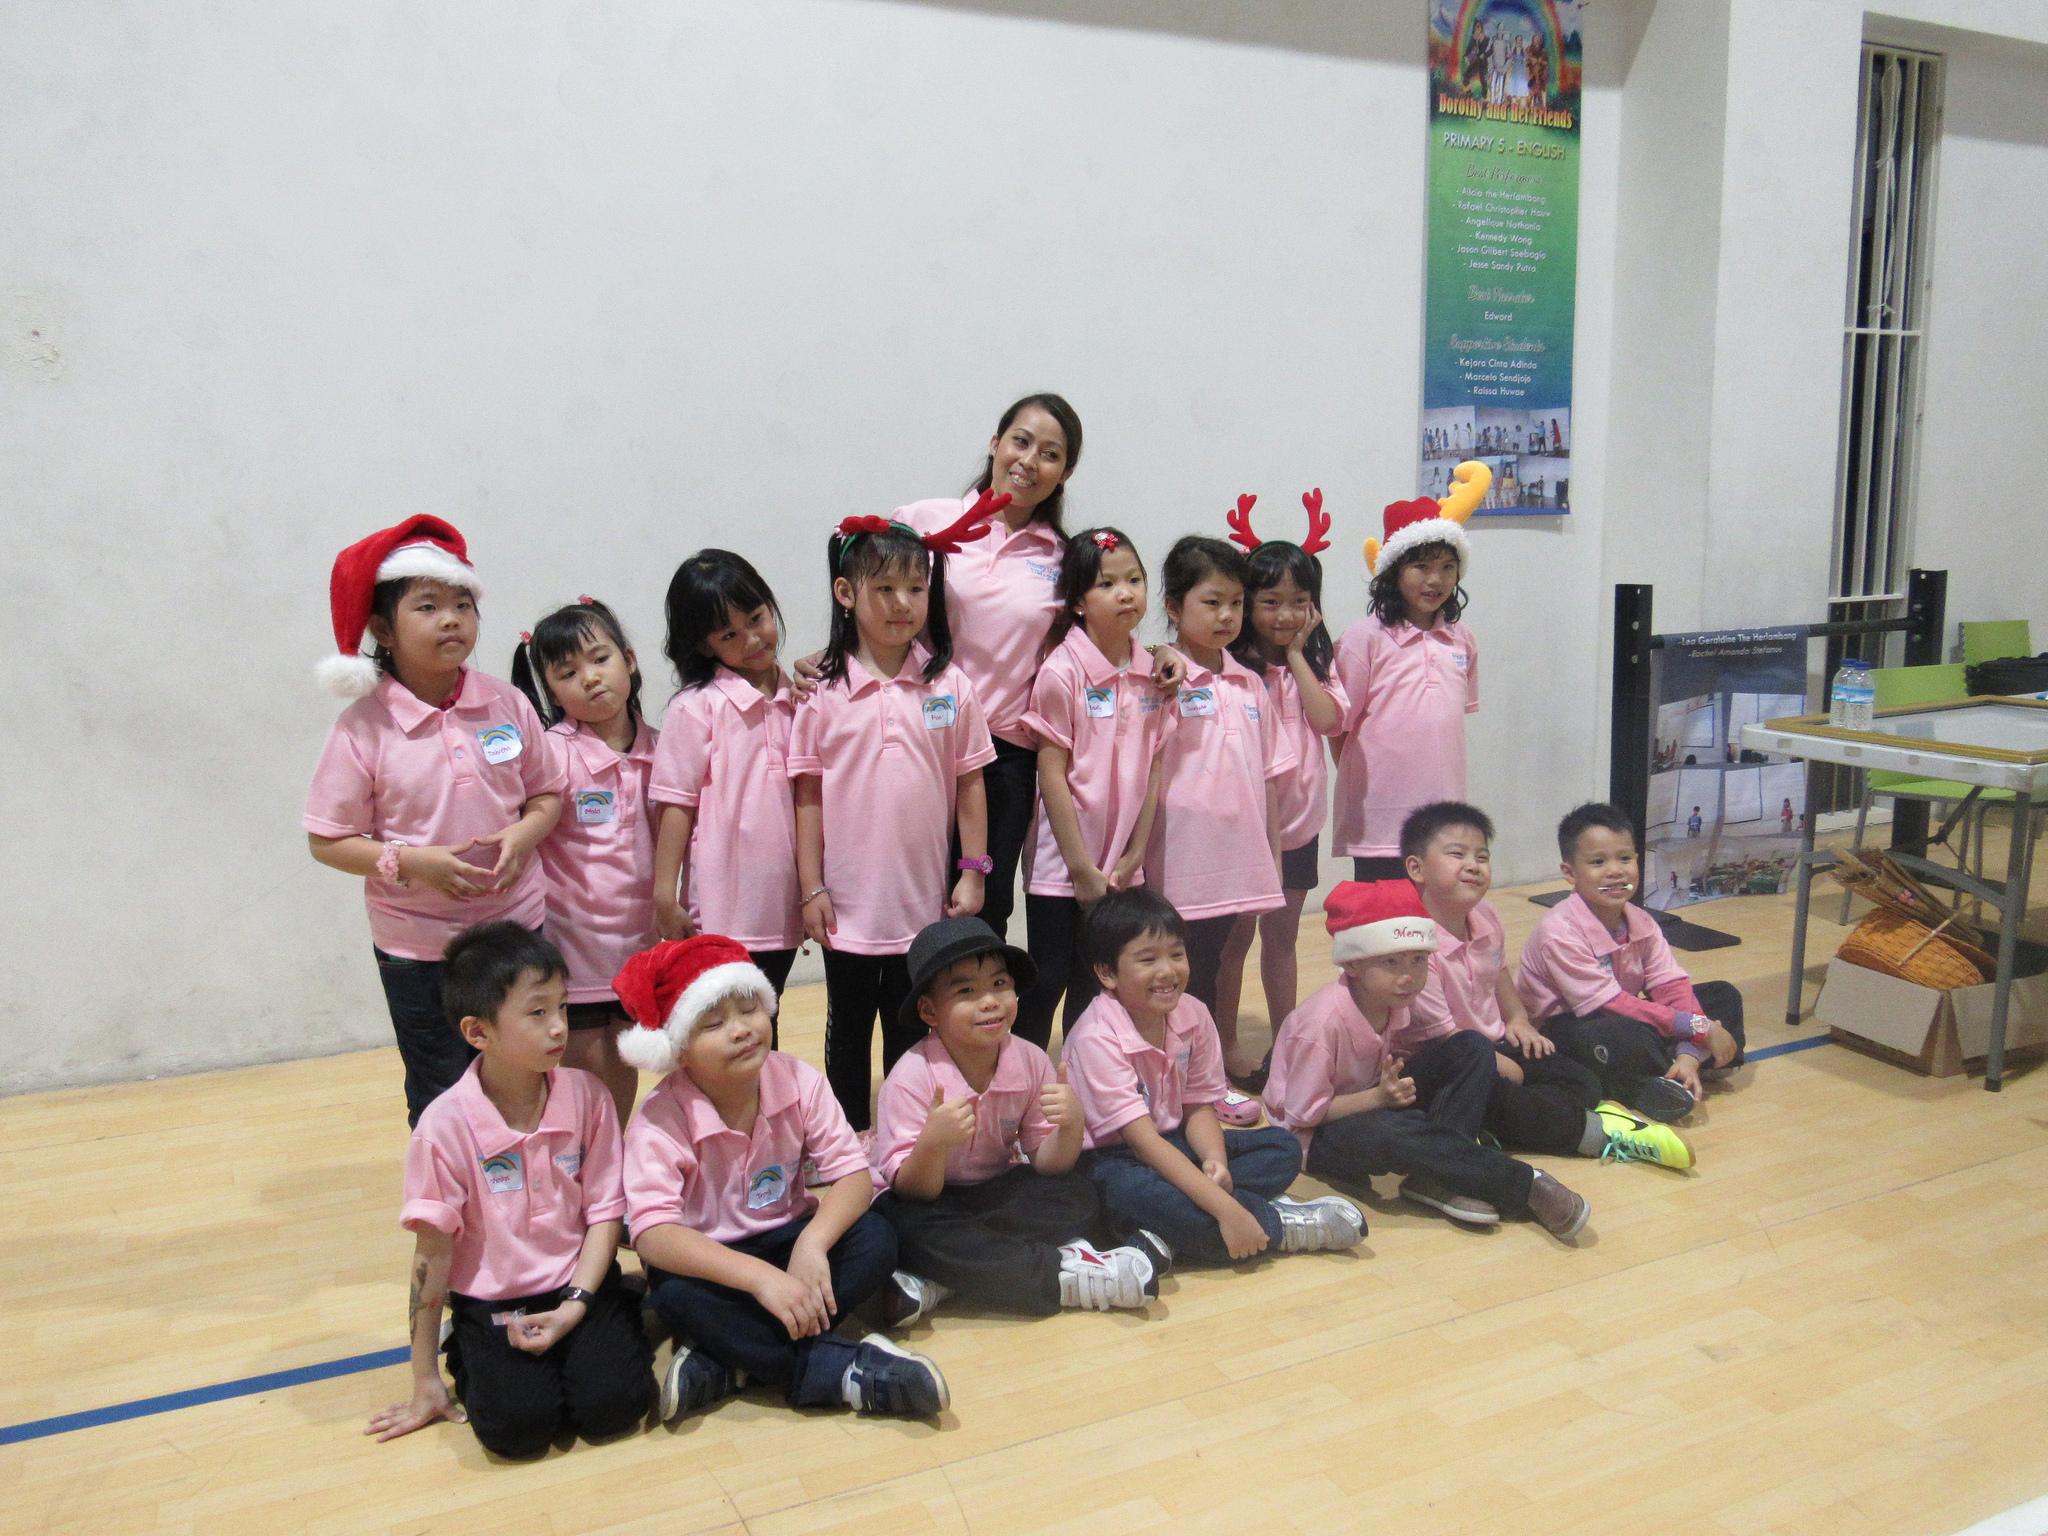 Chinees-Indonesische kinderen in kerstuitdossing